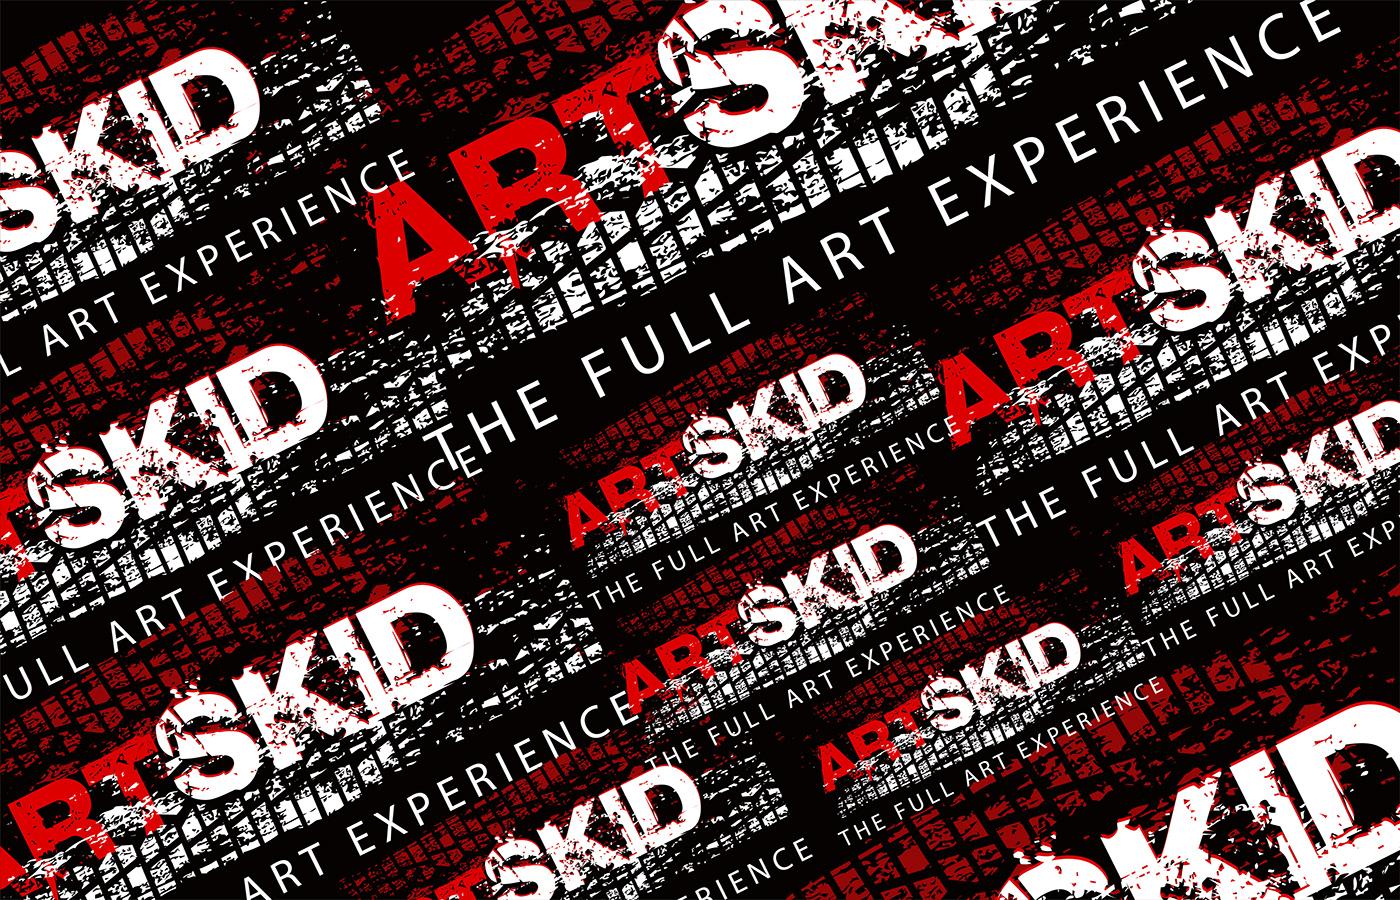 art Event artskid nigeria art event